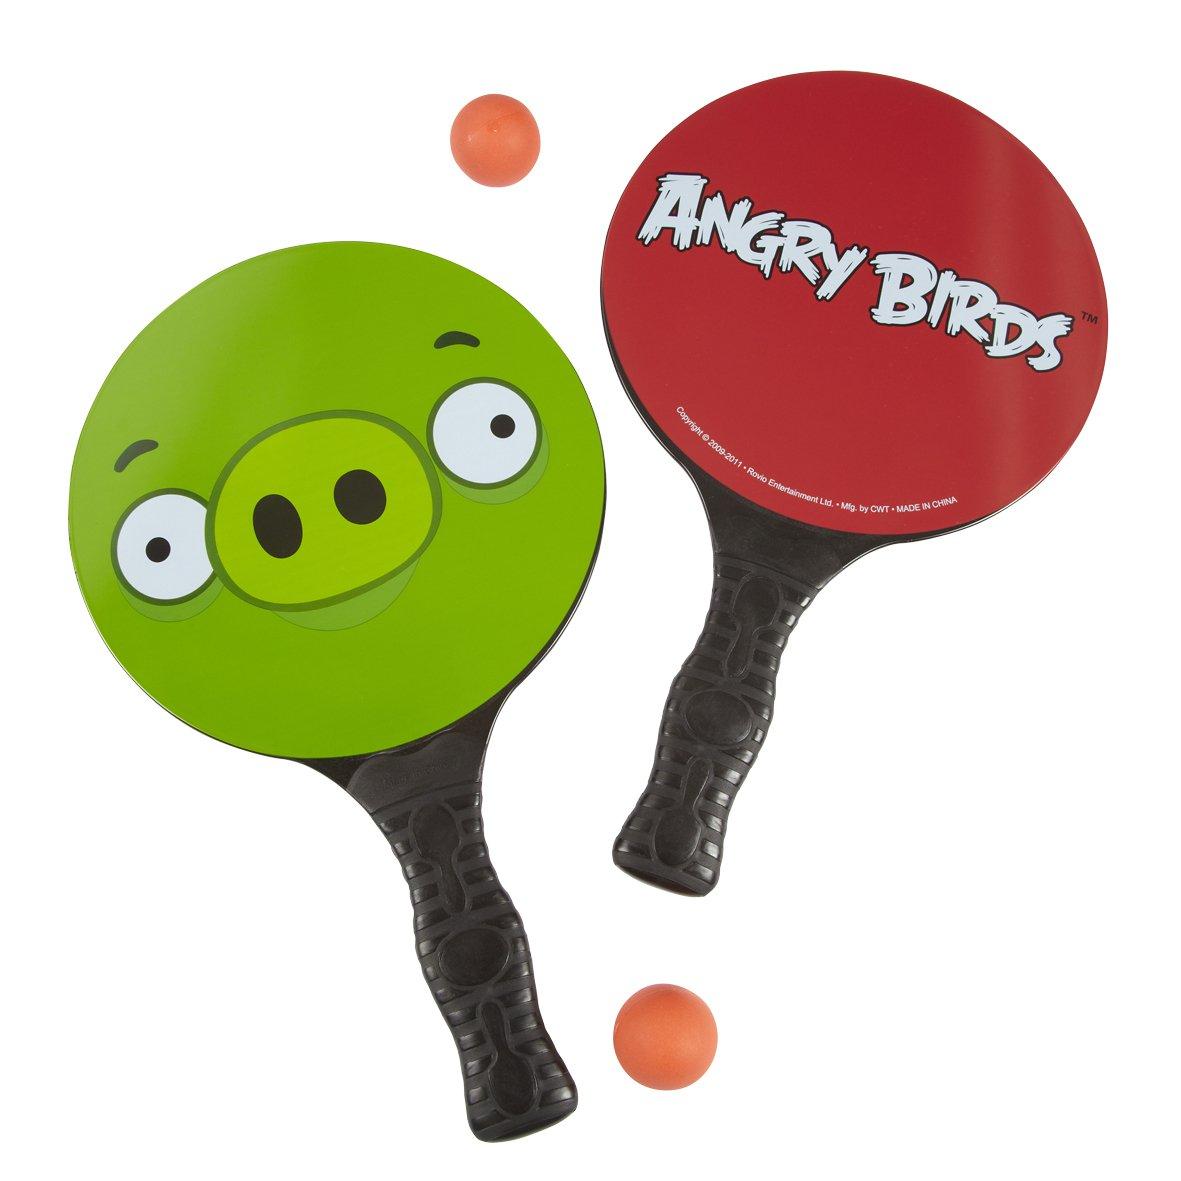 Angry Birds Paddle Ball Set